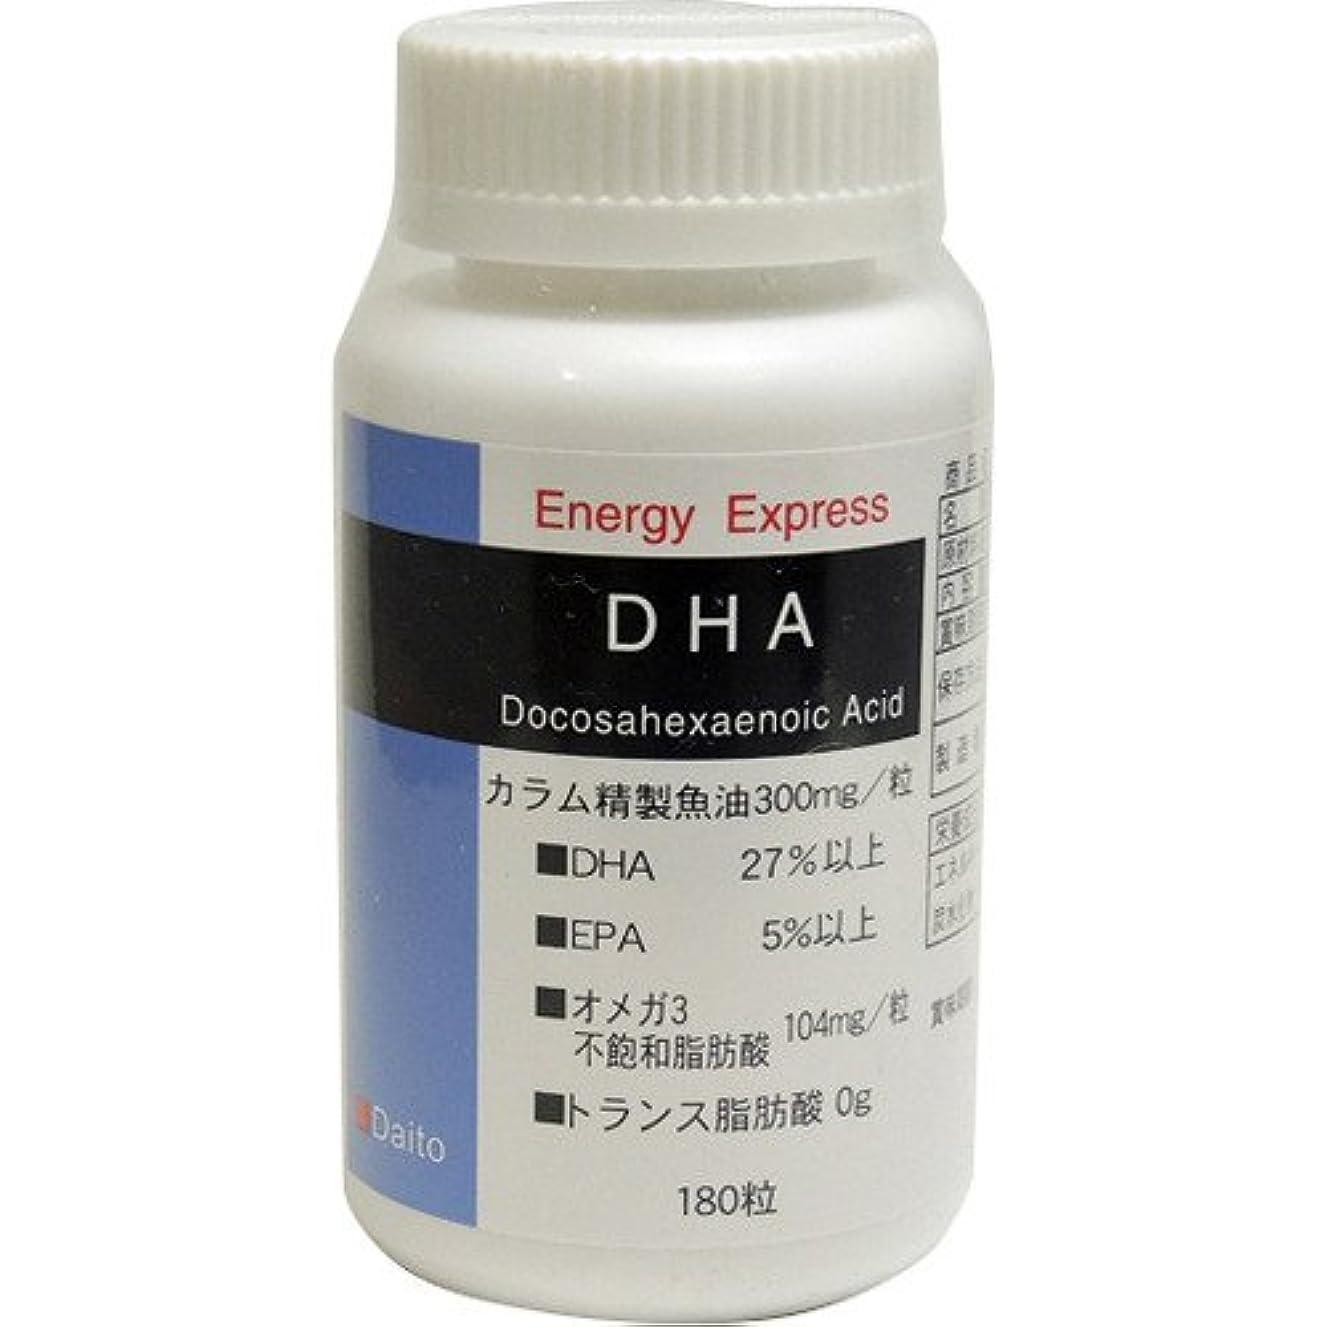 喜び整理する否定するダイトー水産 エナジーエキスプレス DHA 445mg×180粒入り